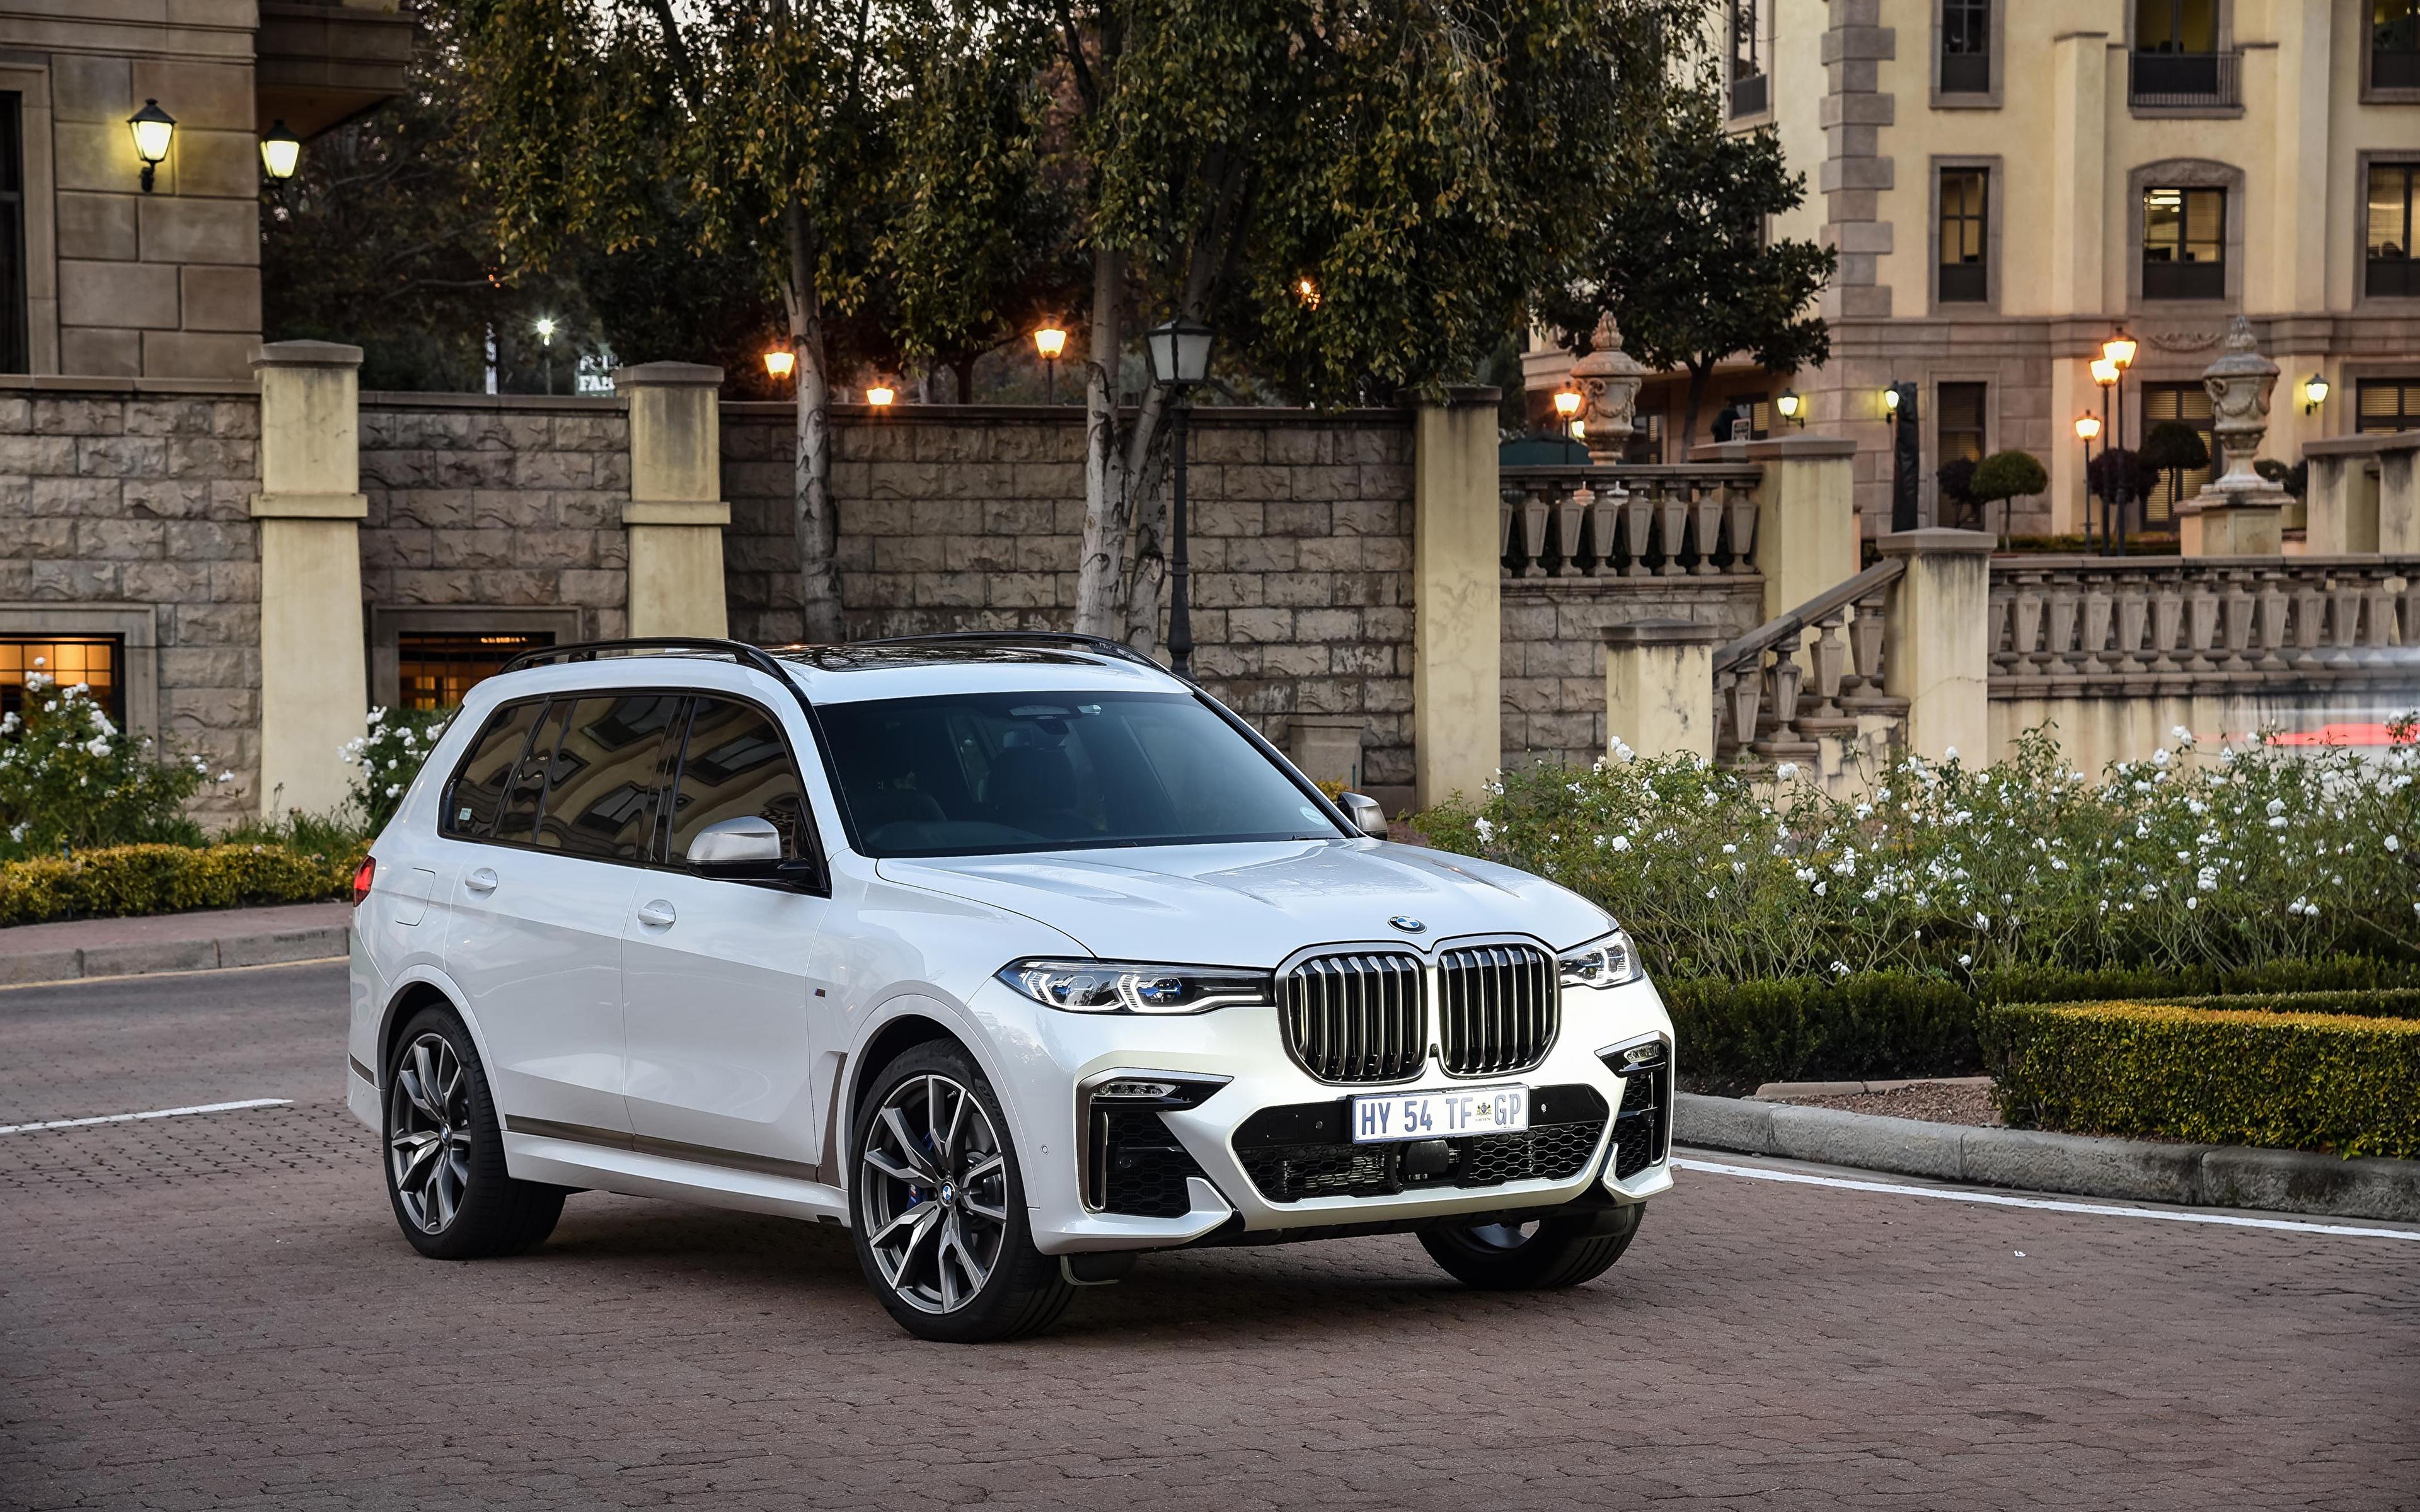 Картинка BMW Кроссовер 2019 X7 M50d Белый машина Металлик 3840x2400 БМВ CUV белая белые белых авто машины Автомобили автомобиль